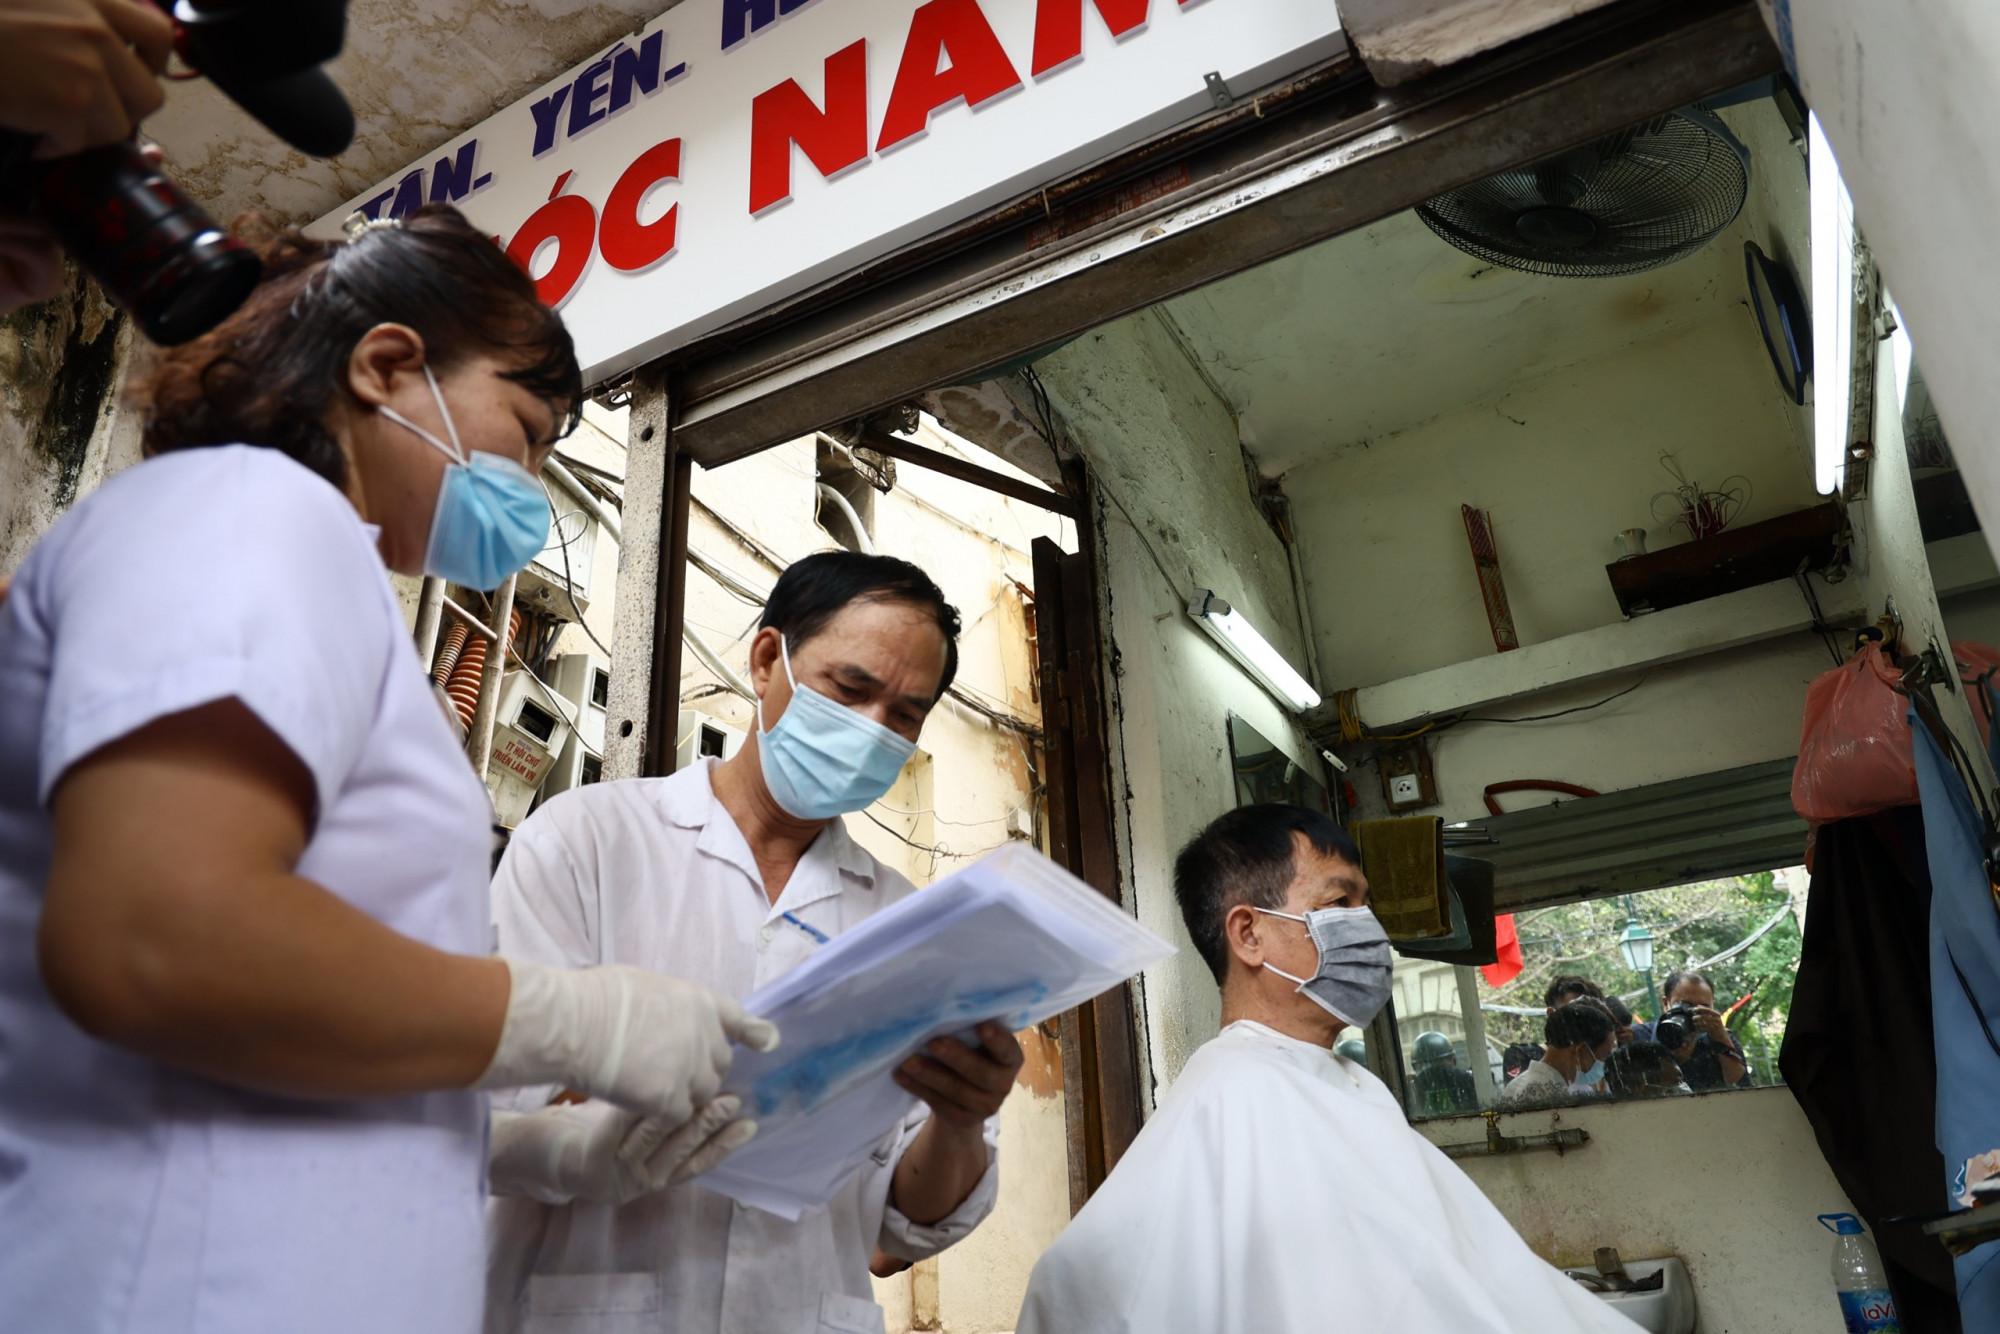 Cũng trong sáng nay, các hàng cắt tóc cũng đông khách vì nhiều người tranh thủ trước khi các cửa hàng này đóng cửa.